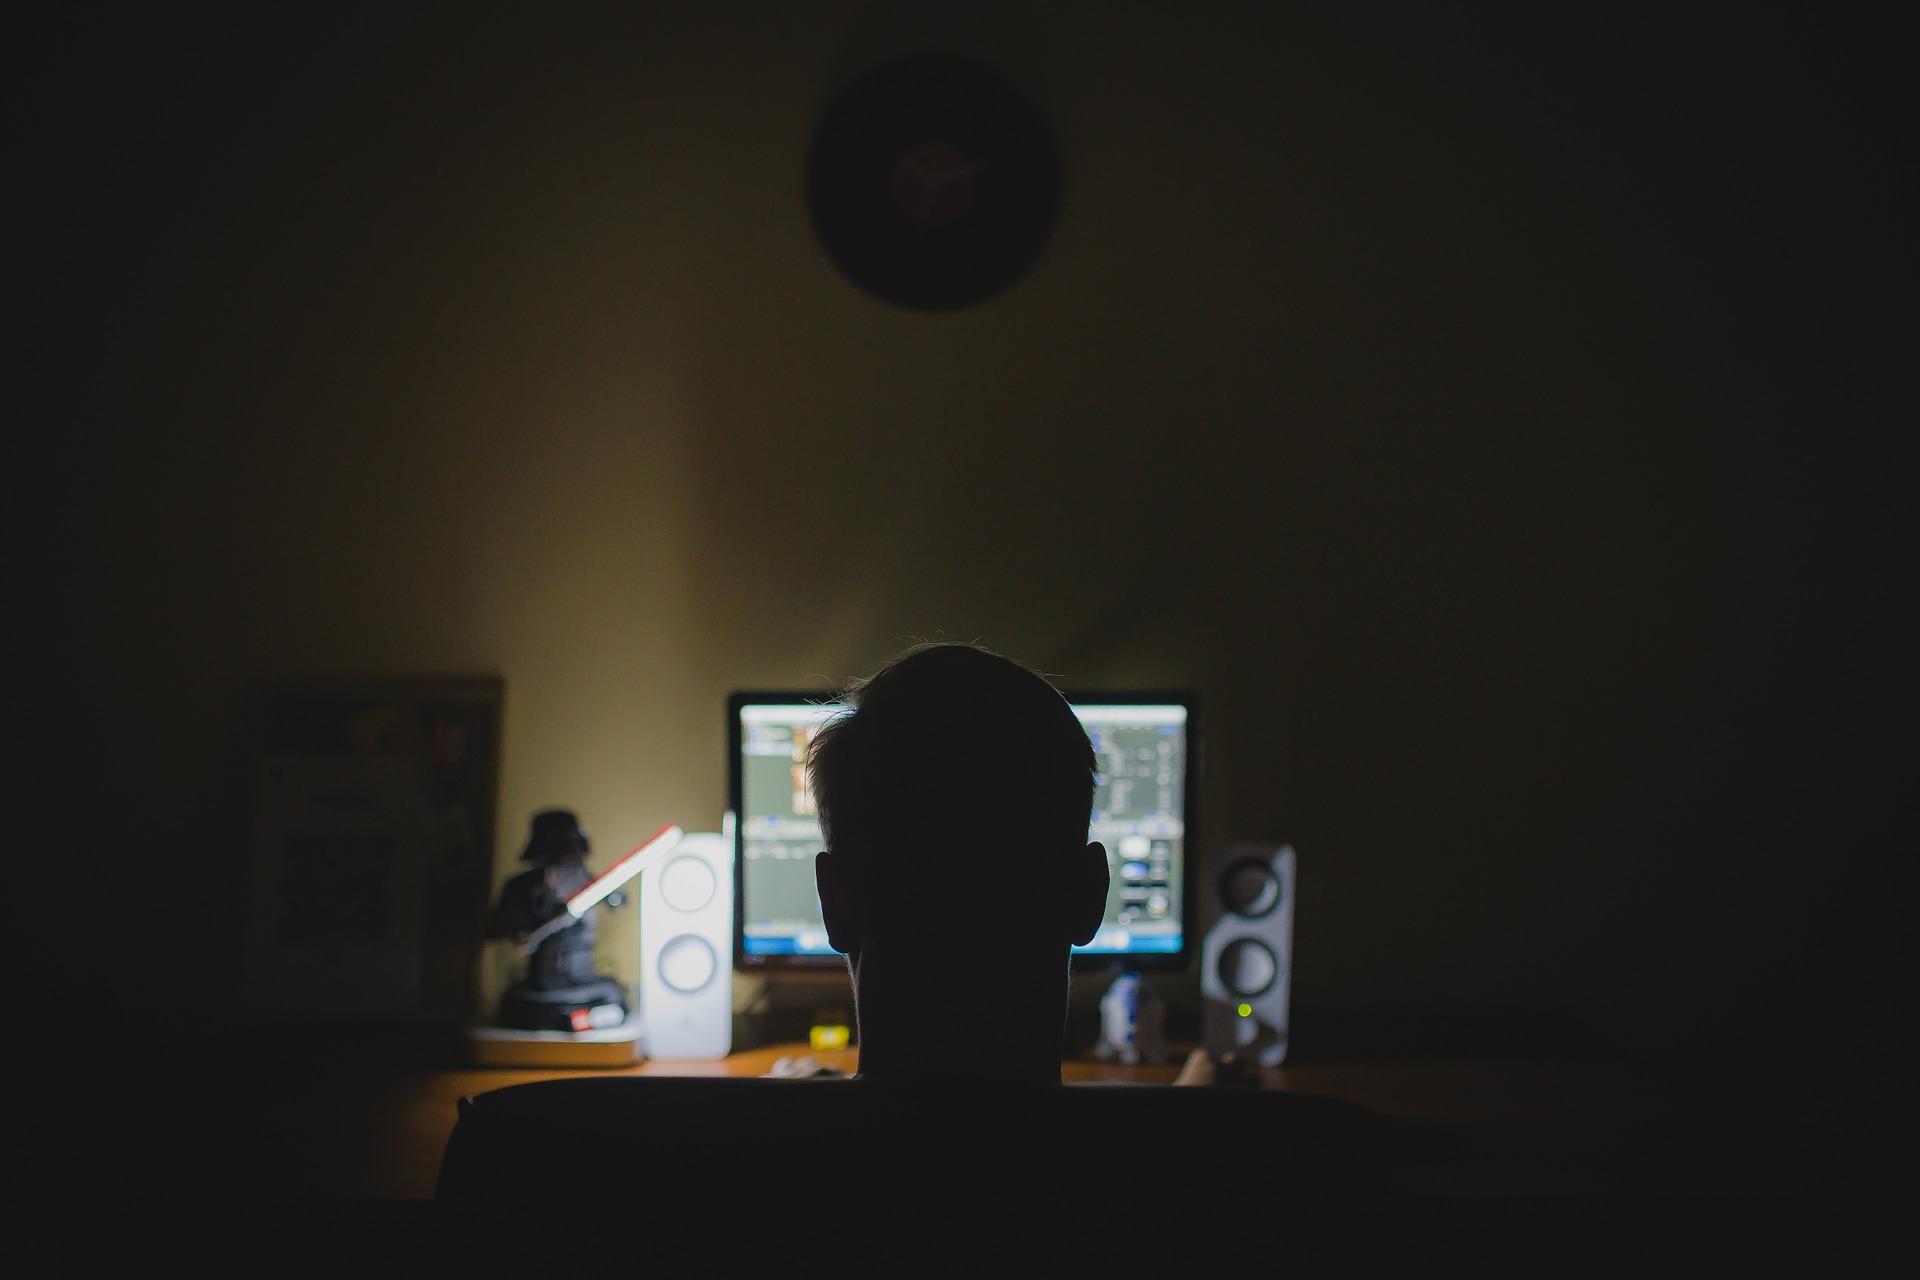 Le MIT veut utiliser le machine learning pour traquer les cybercriminels